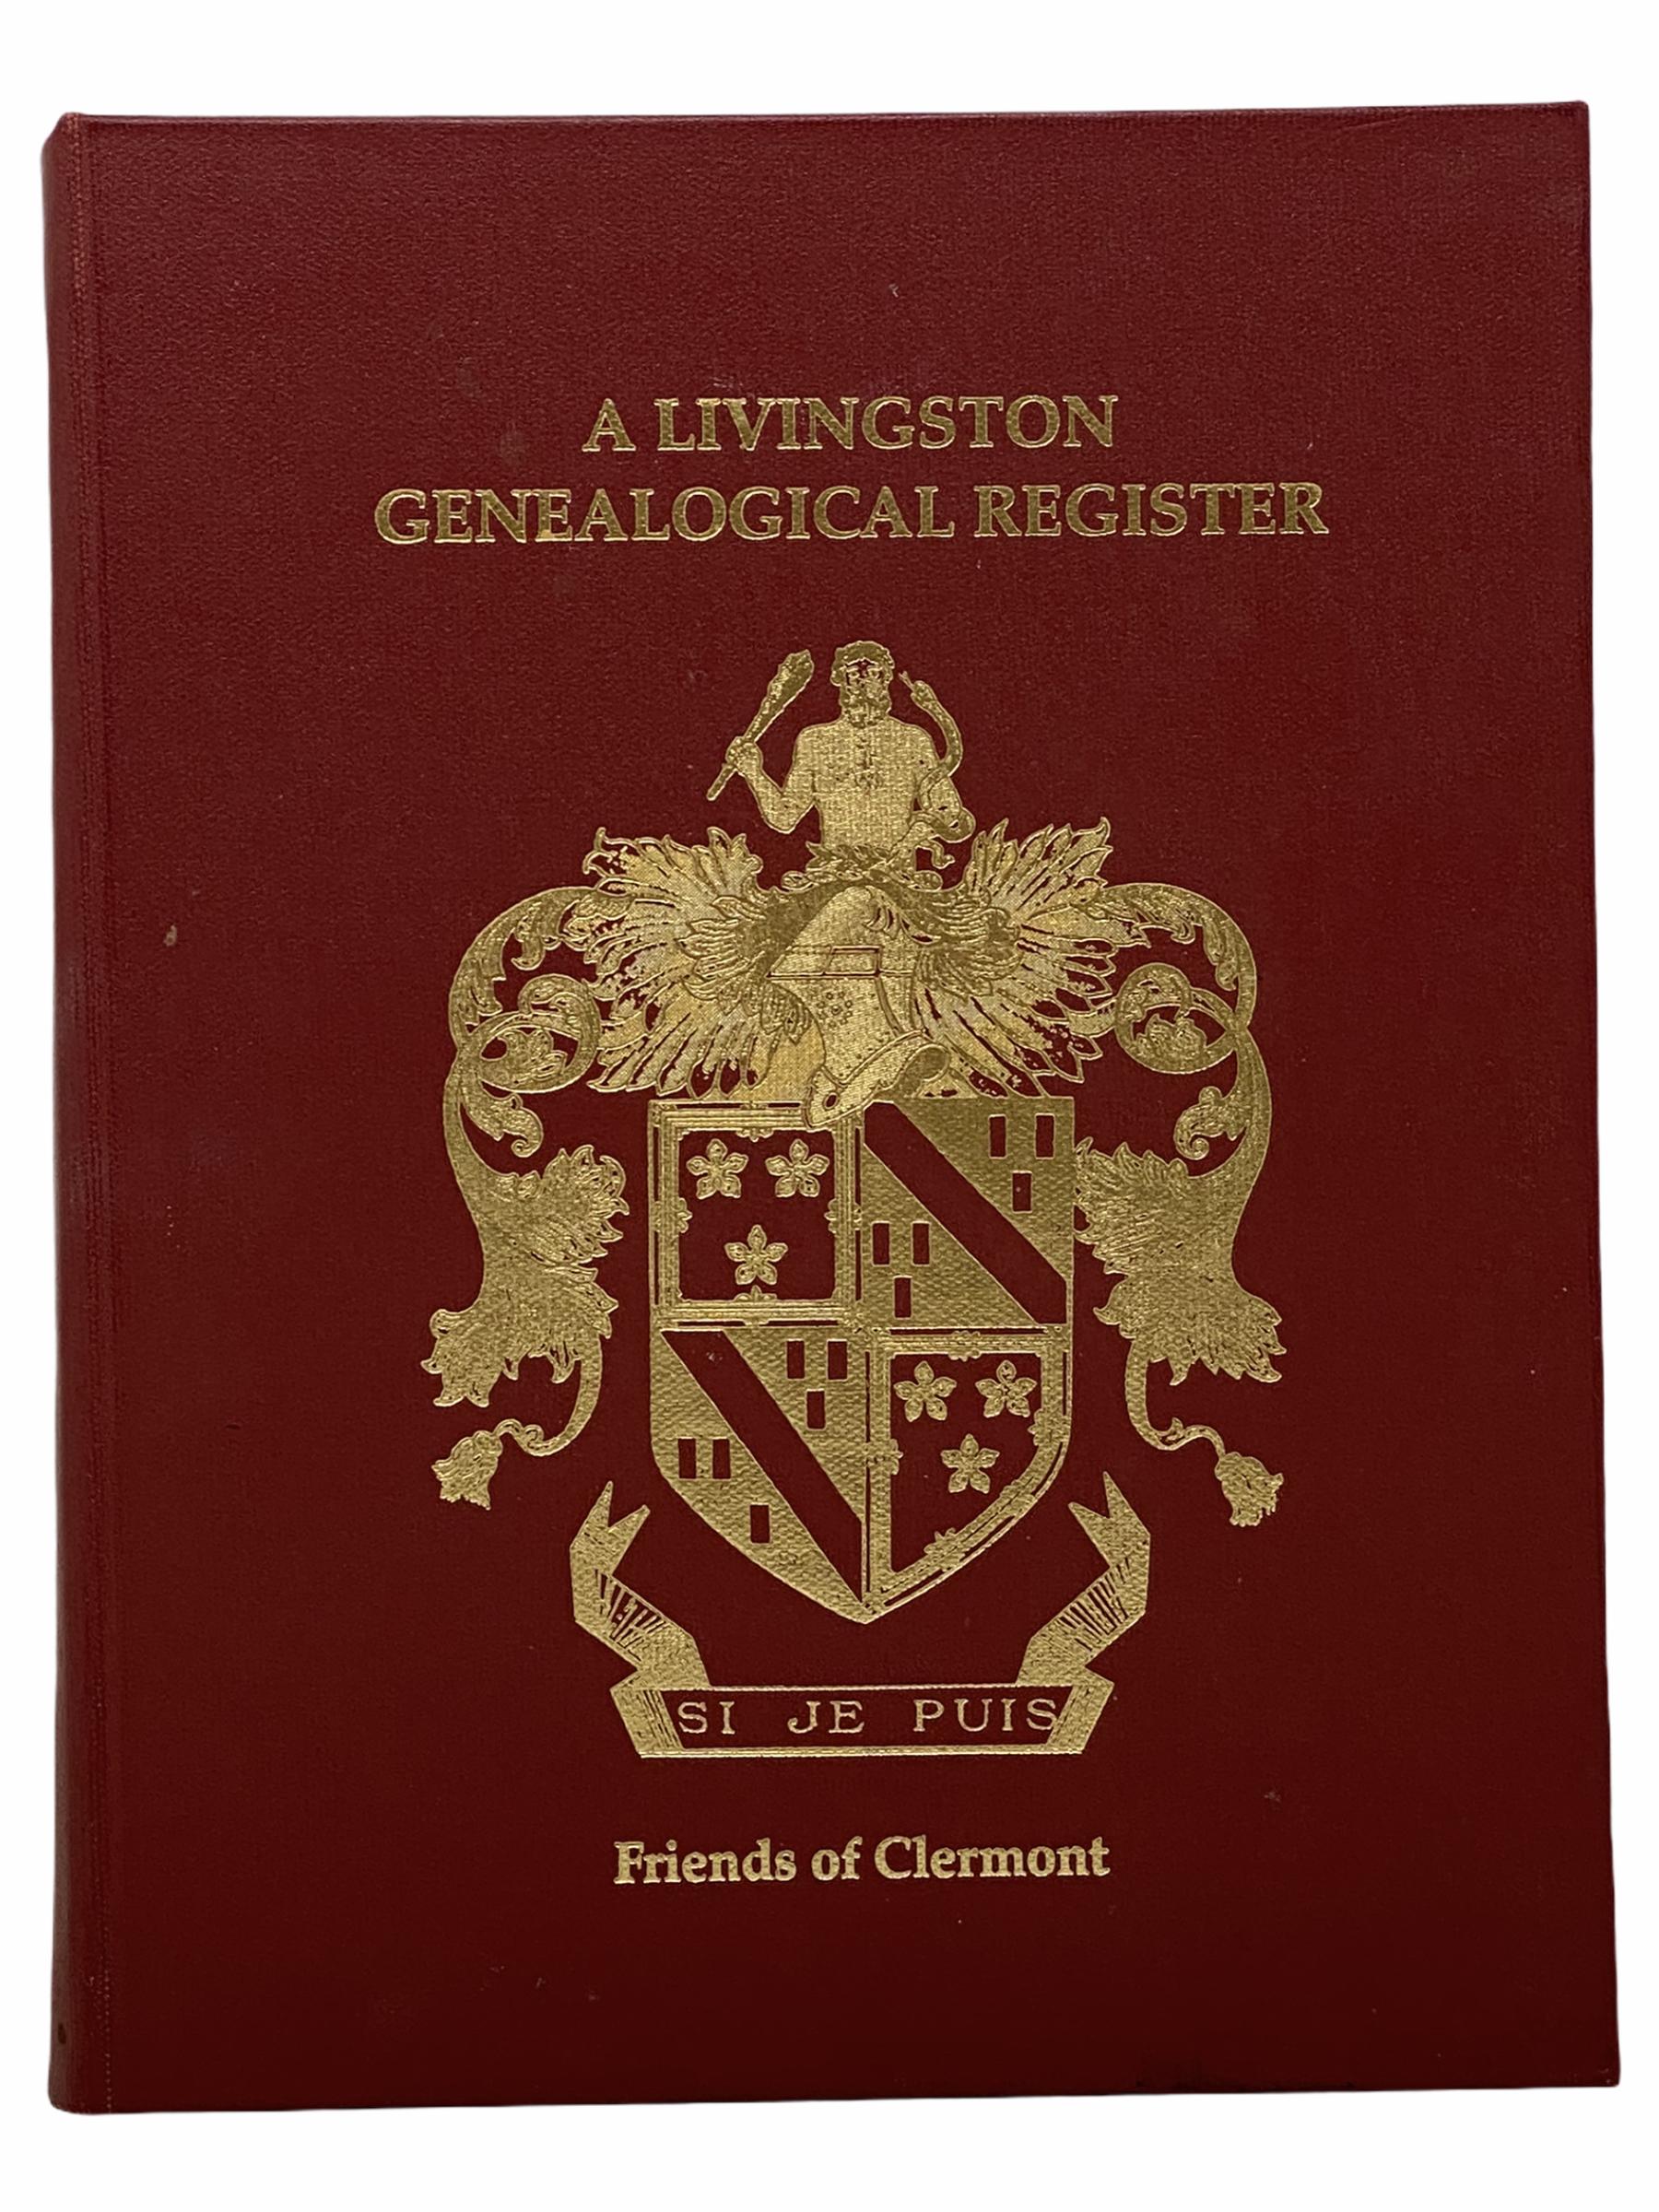 Image for A Livingston Genealogical Register [New York]